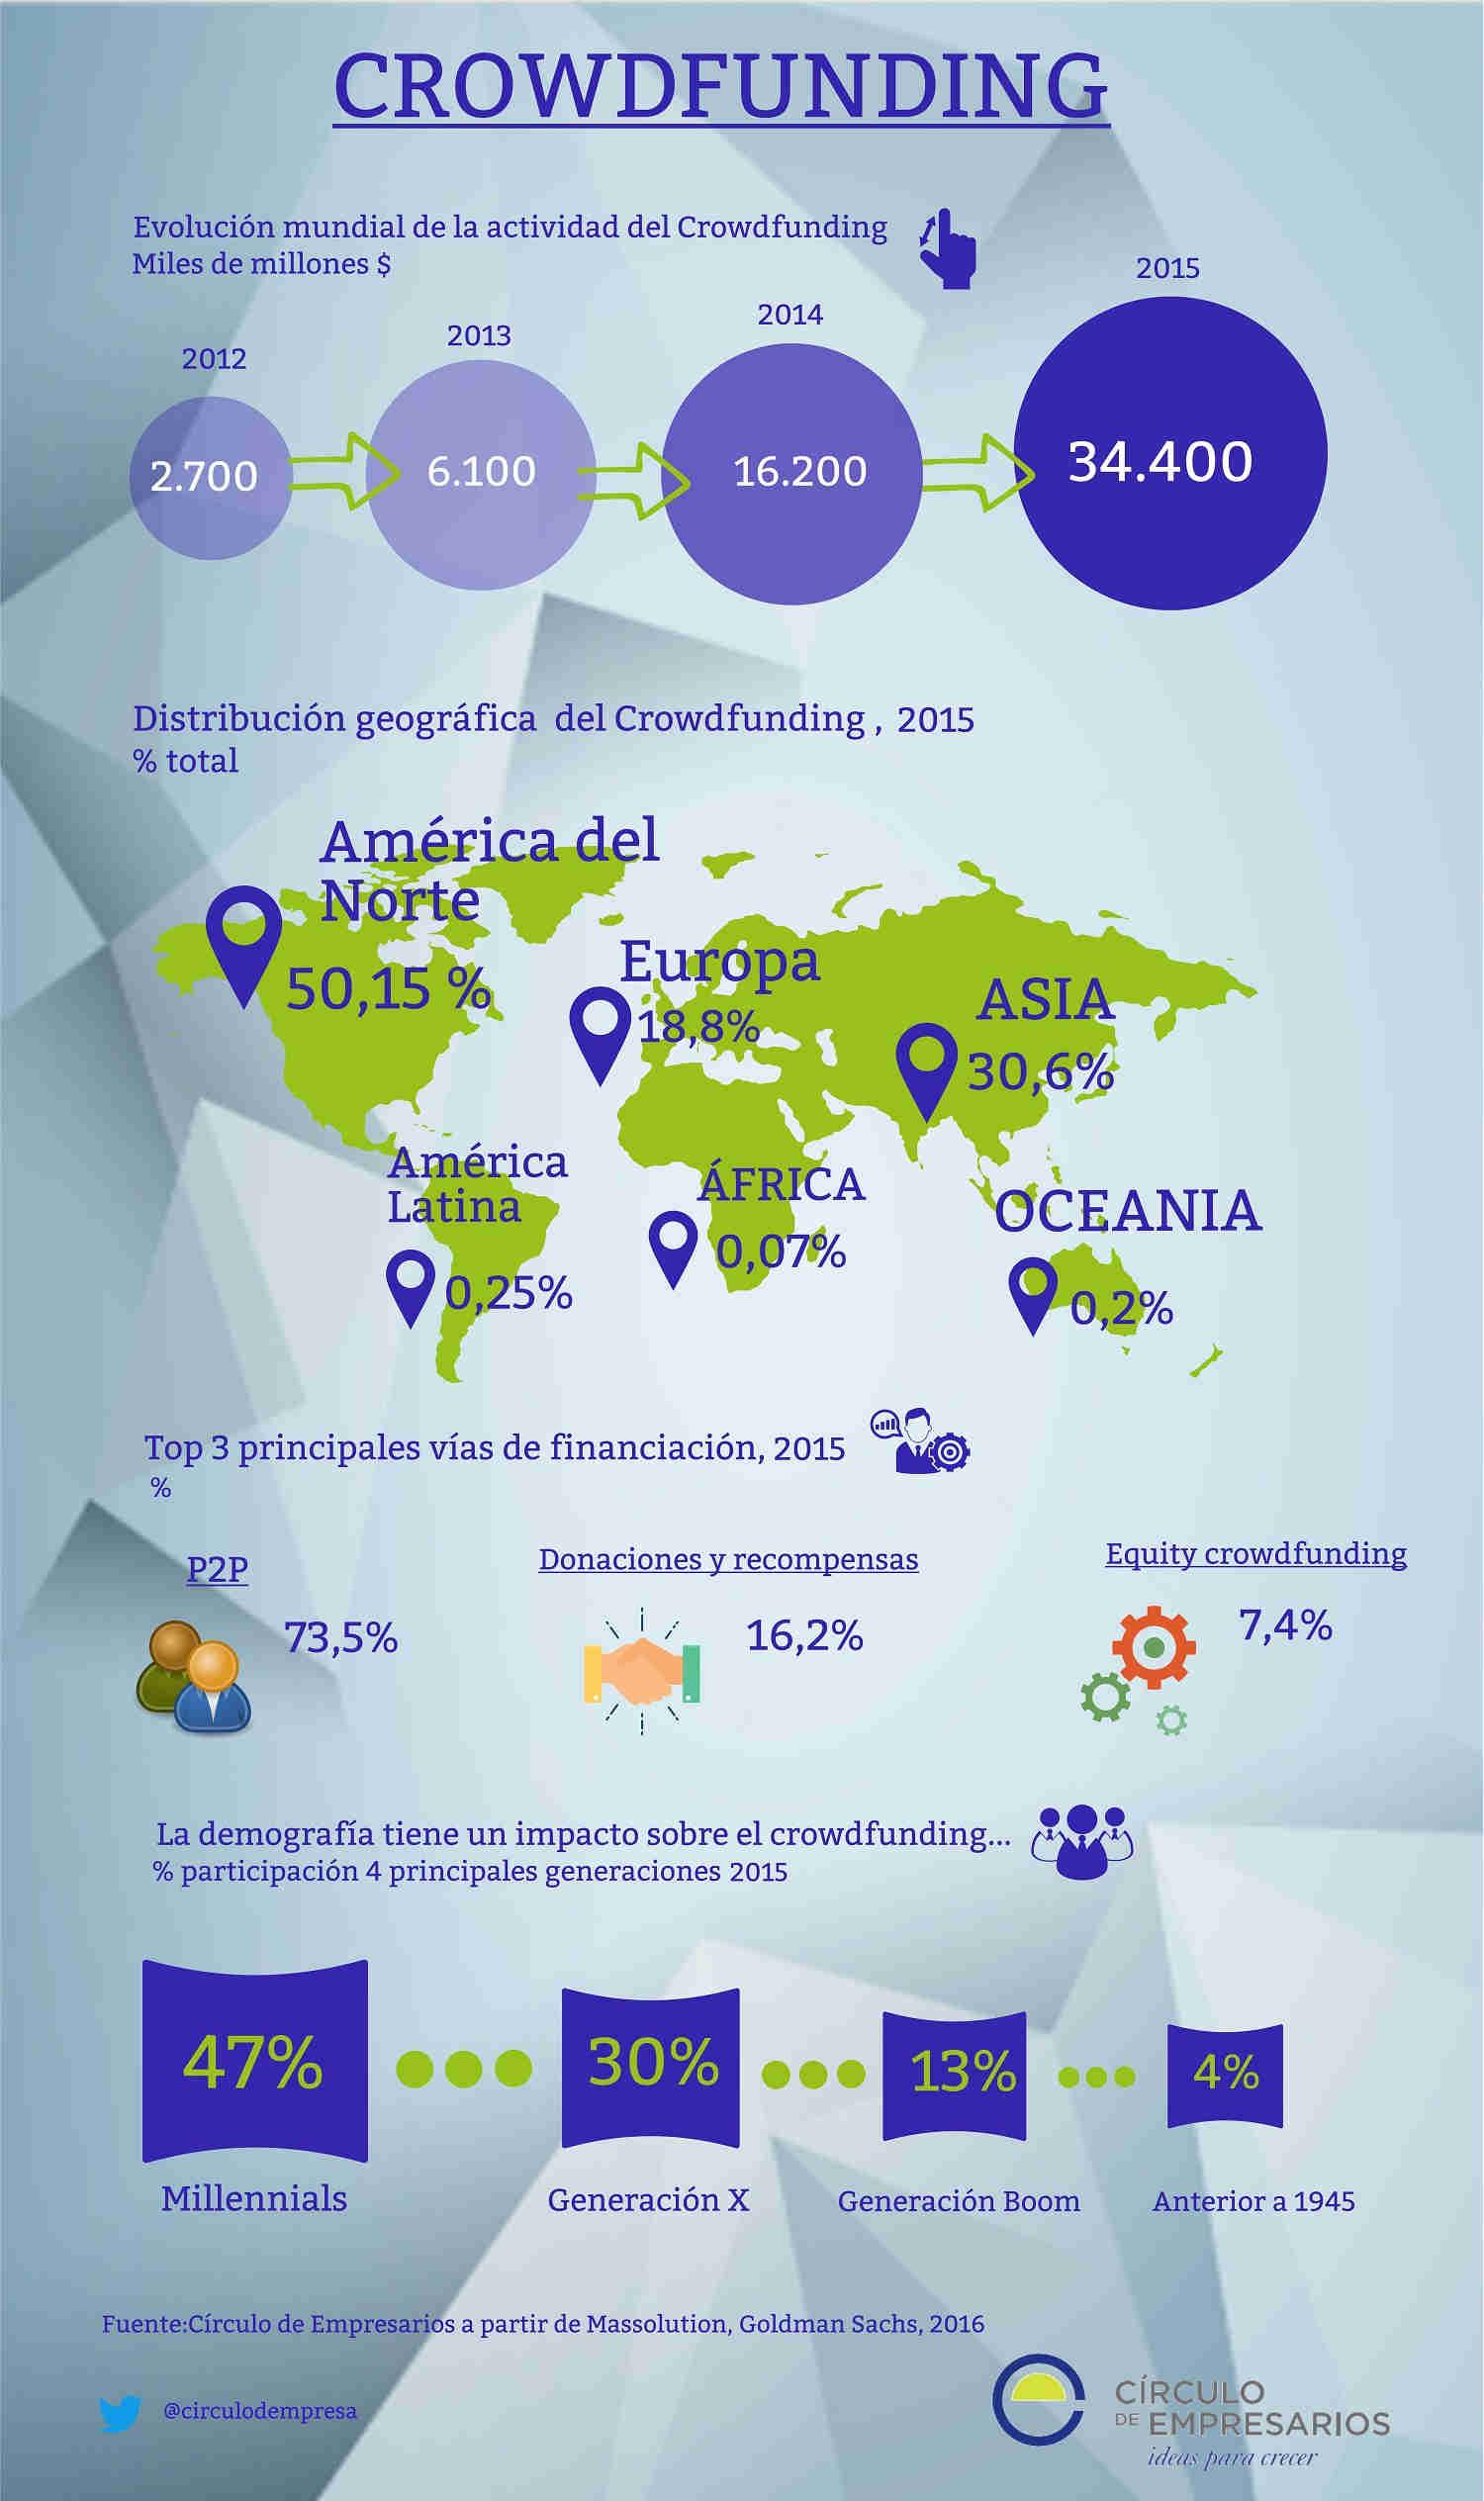 crowdfunding_circulo_de_empresarios_infografia-1500pxs